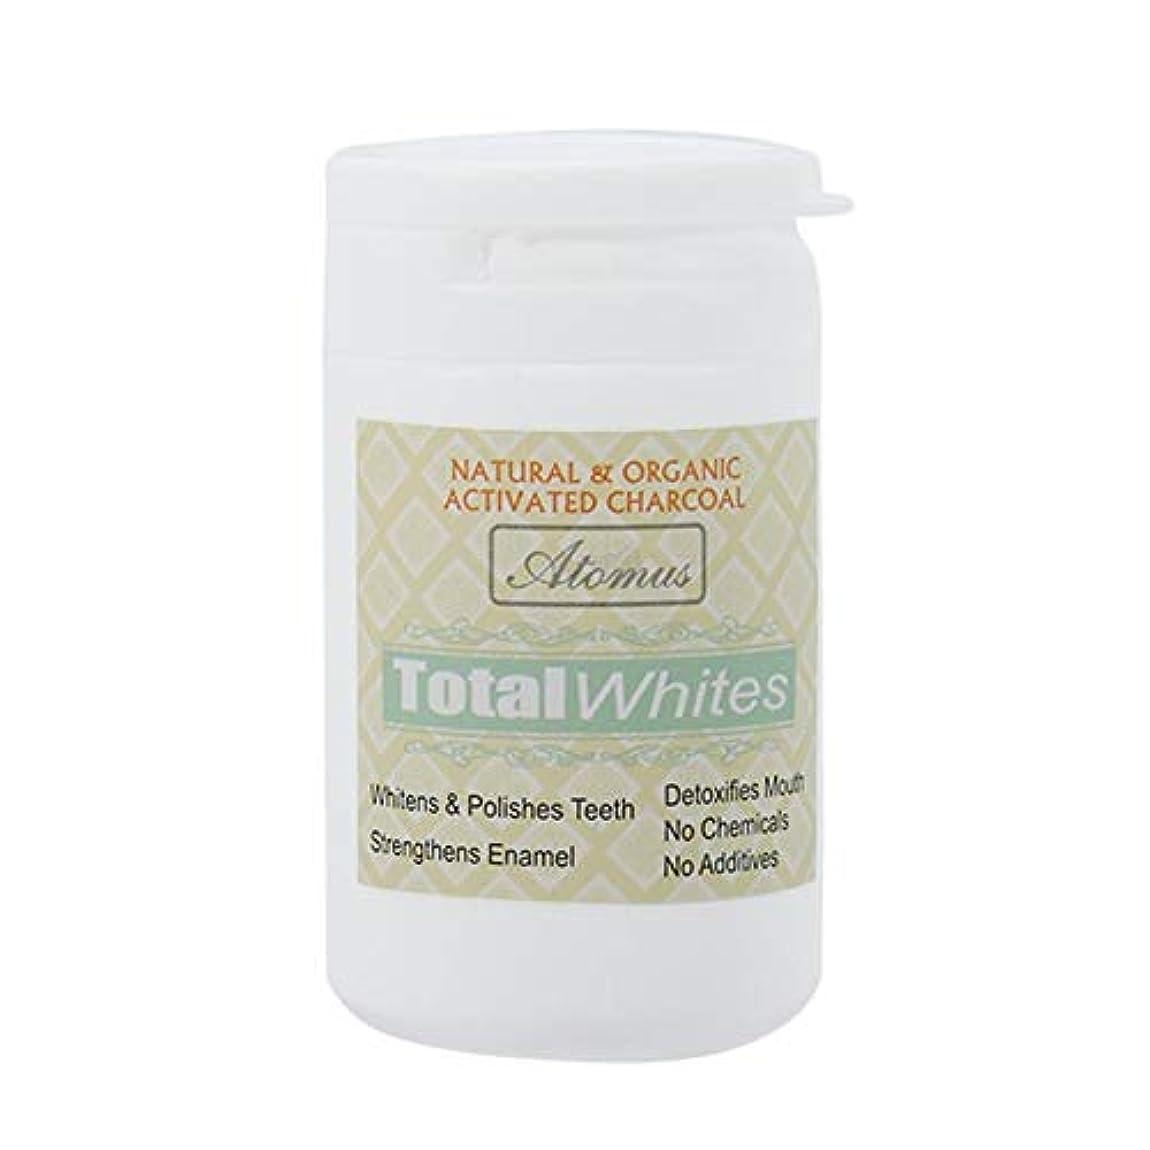 数学的なカウンタつかむ歯のホワイトニングパウダー、活性炭の歯のホワイトナーパウダー - 有機安全で効果的なホワイトナーの解決策 - ホワイトニングの歯とフレッシュな息